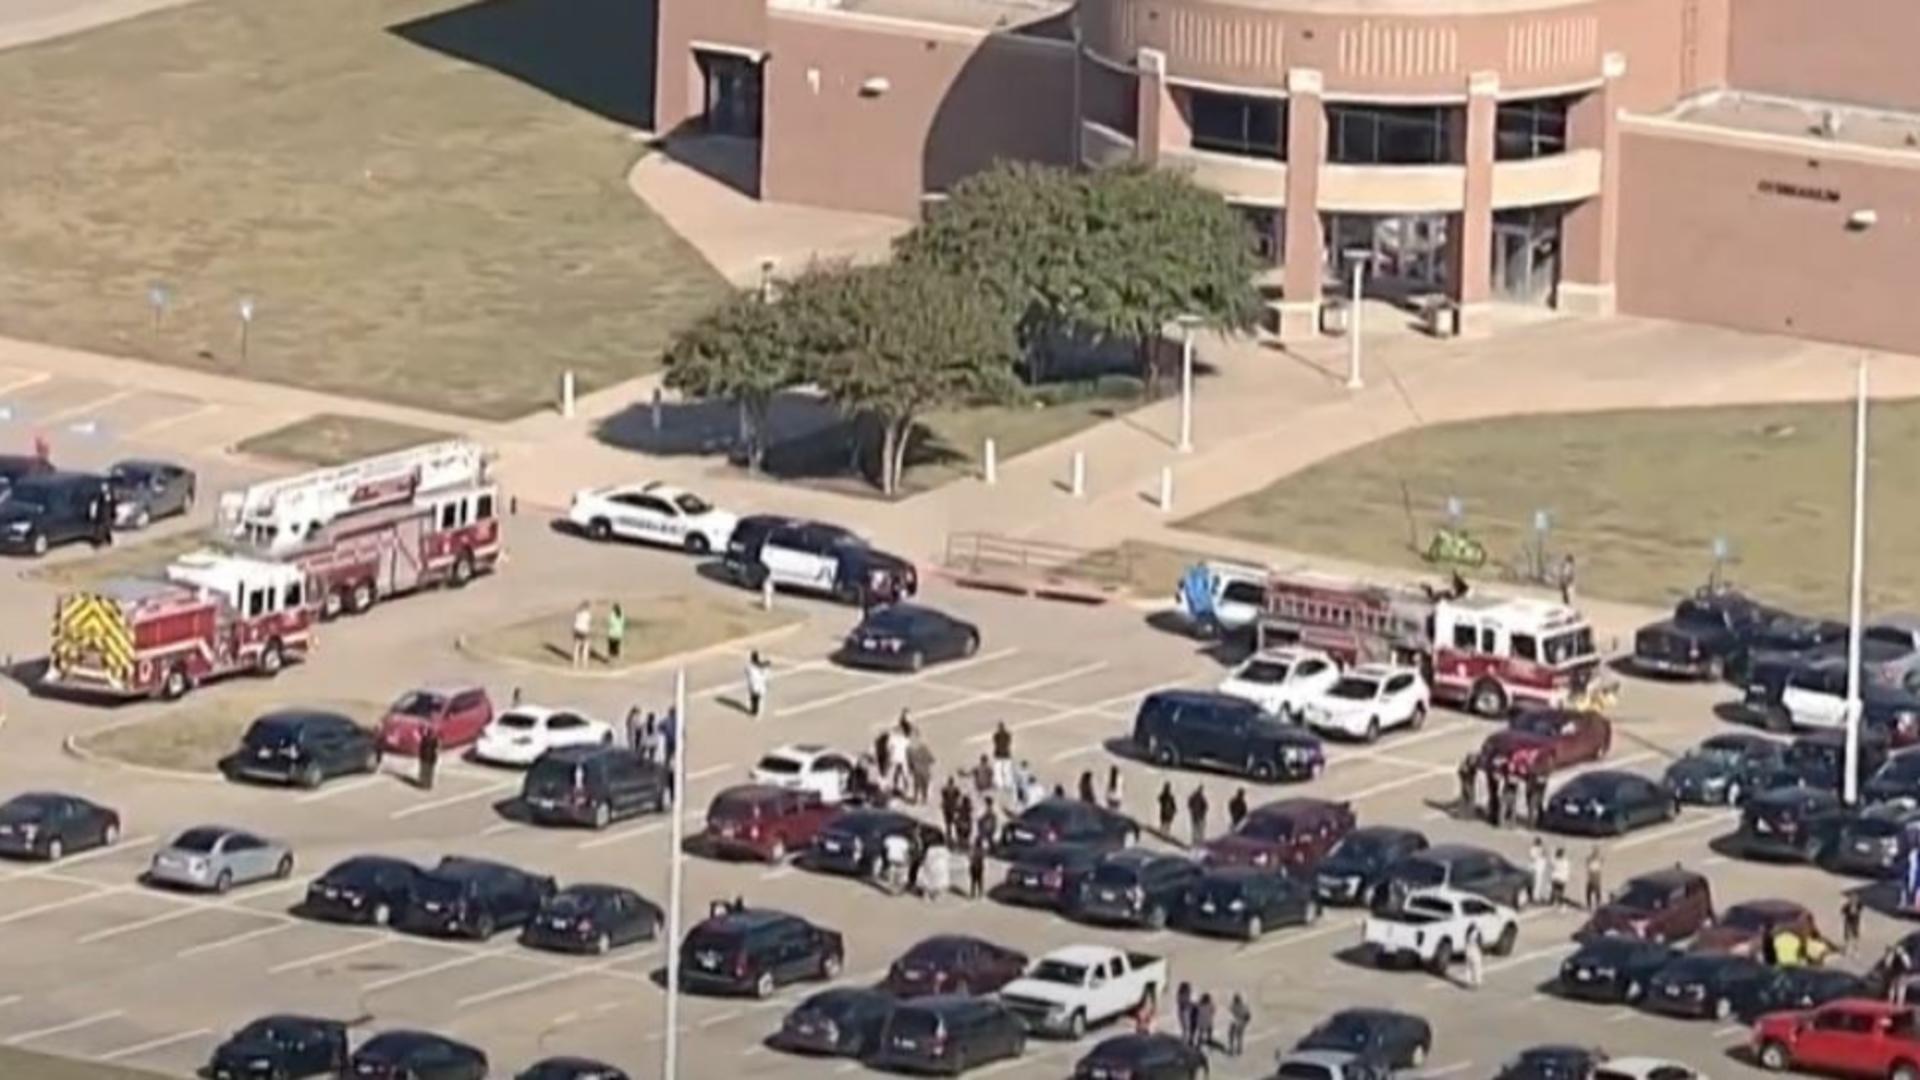 Atac armat într-un liceu din Texas. Foto/Captură video